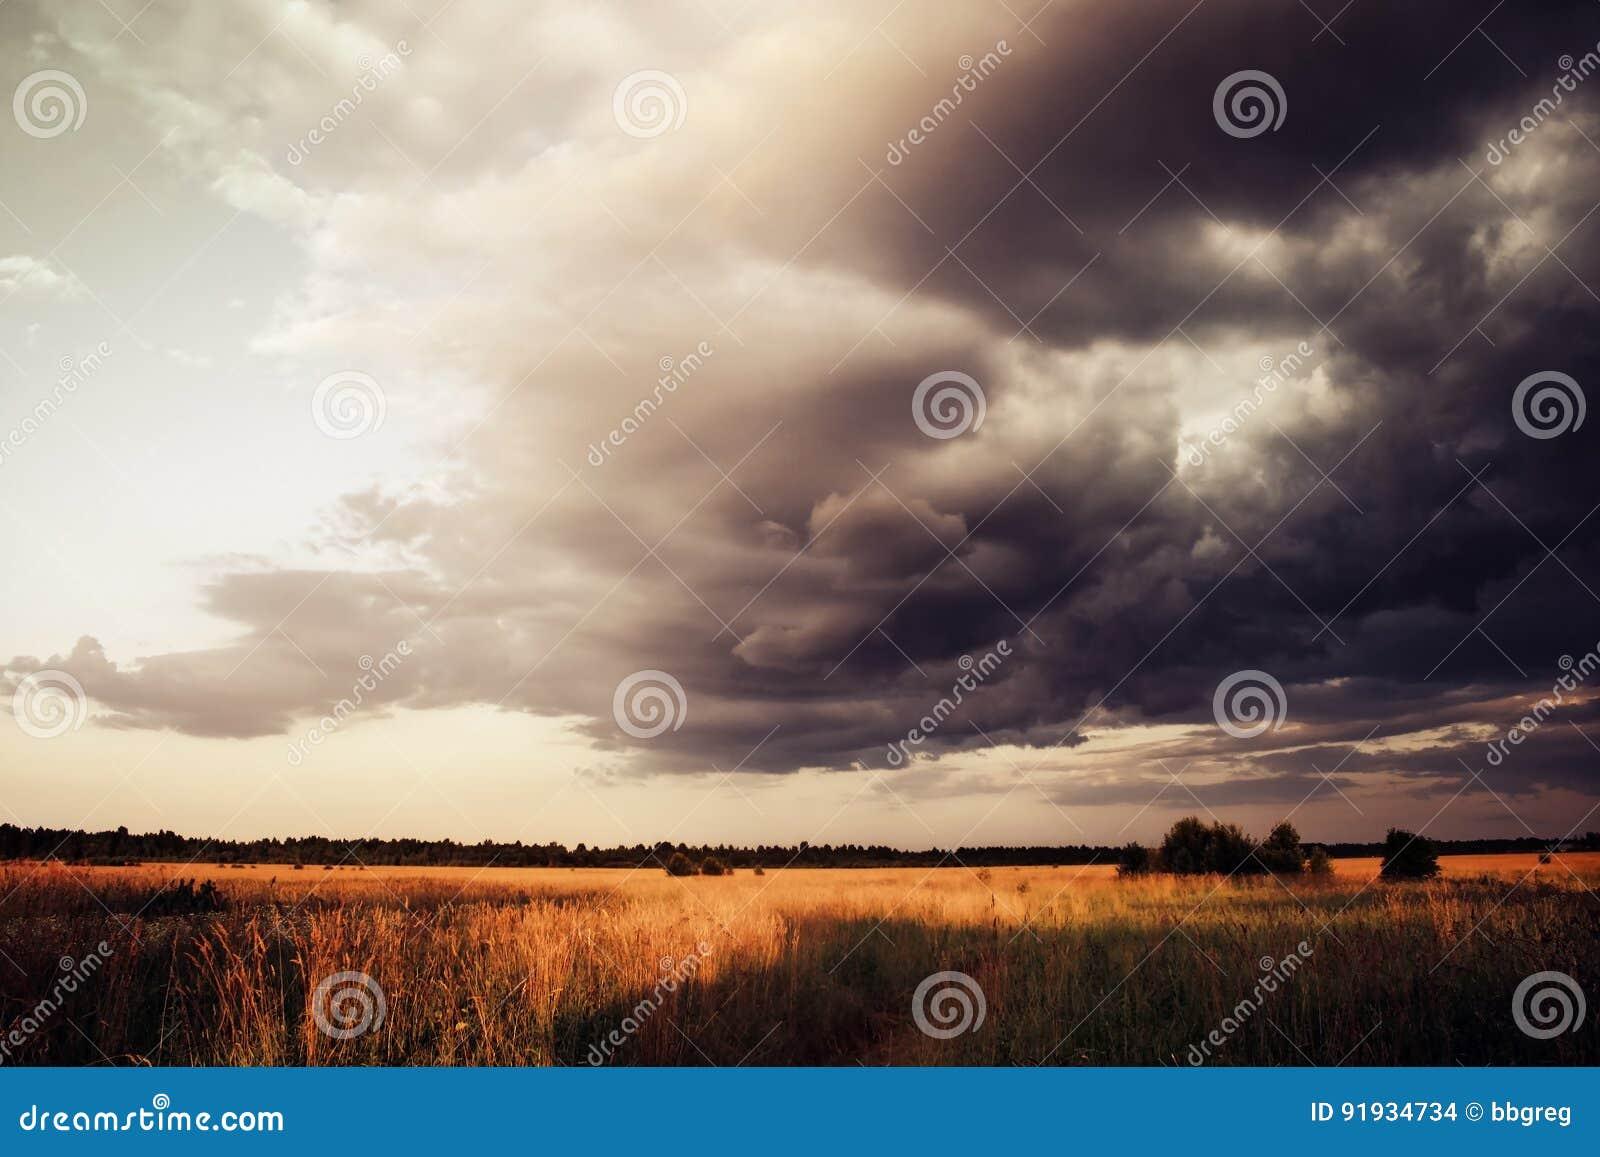 Weizen-Feld unter drastischem Himmel mit dunklen Wolken, näherndes Gewitter, Sommer-Landschaft